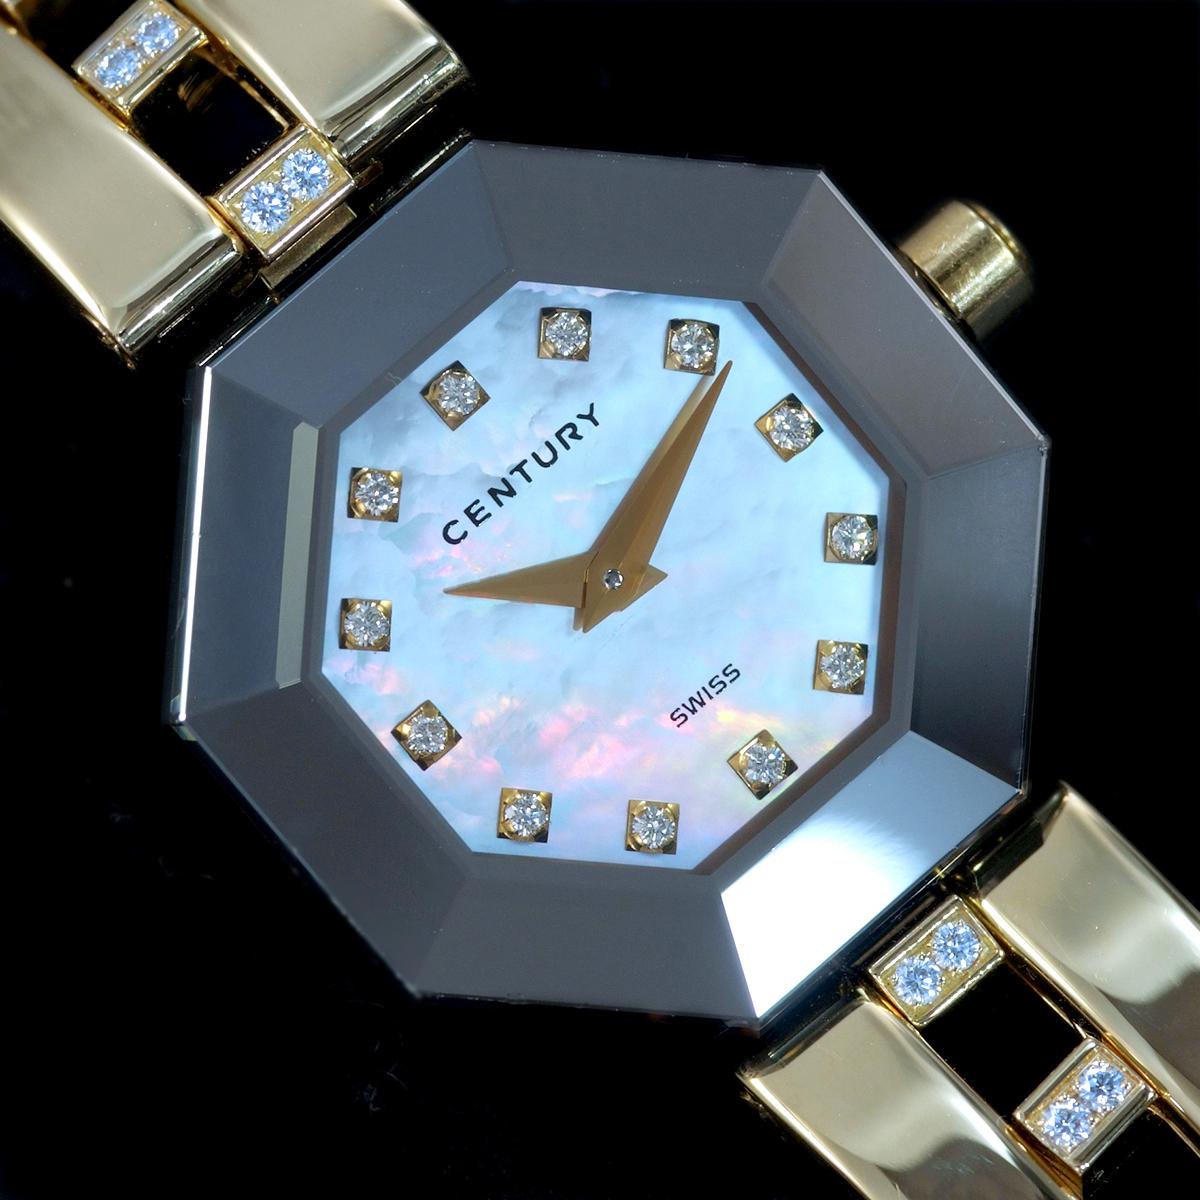 E9768【CENTURY】センチュリー 純正ダイヤモンド 最高級18金無垢セレブリティレディQZ 腕周り16cm 重量61.31g ケース幅22.7mm_画像3